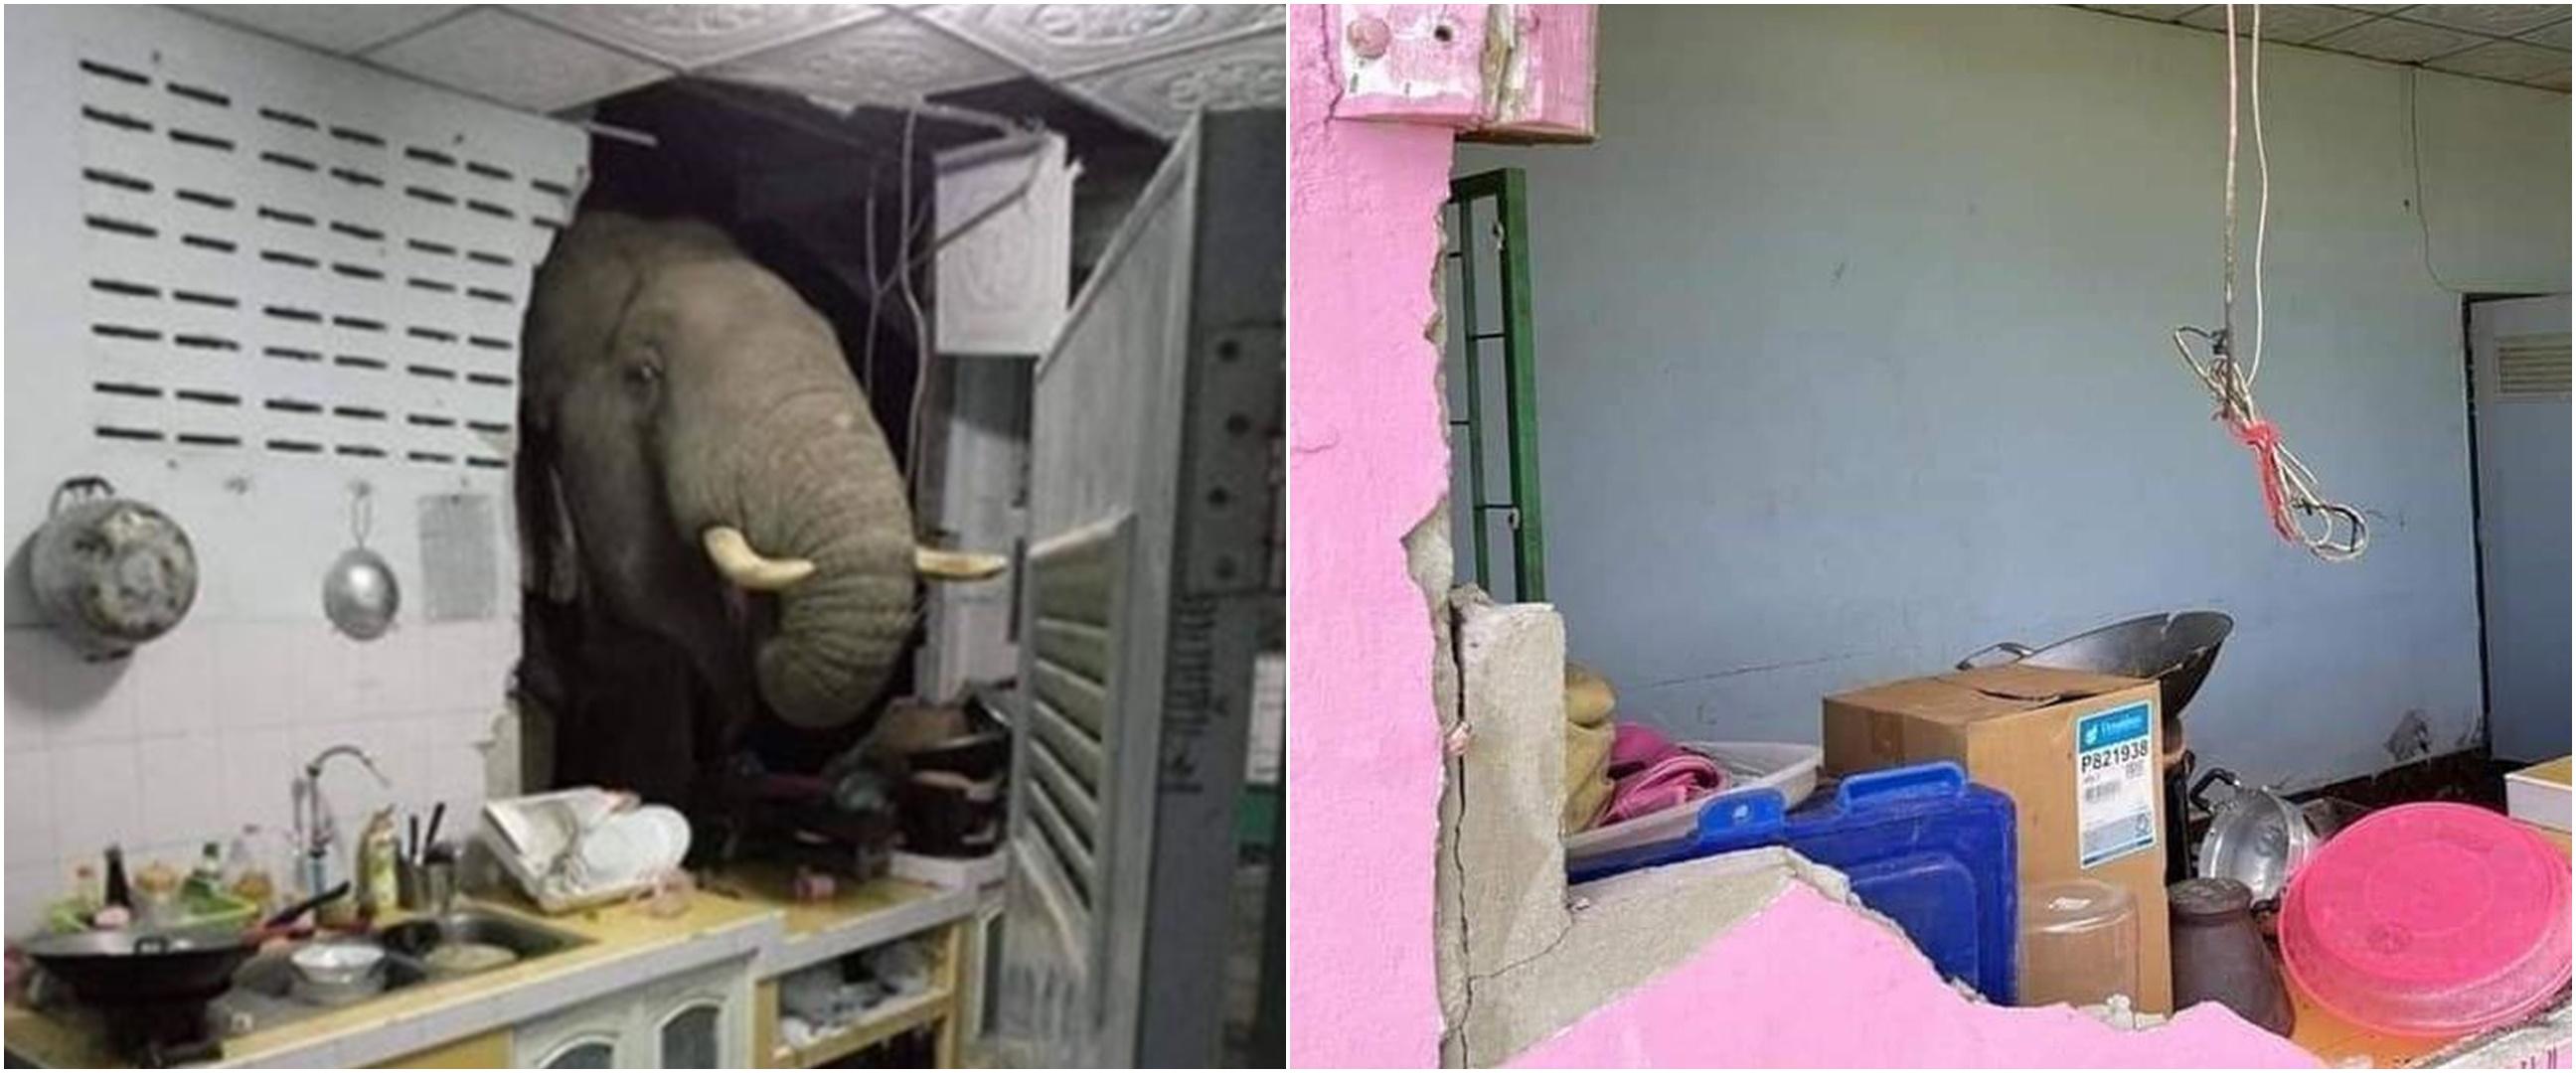 Viral gajah lapar bobol rumah warga, penghuni sampai syok